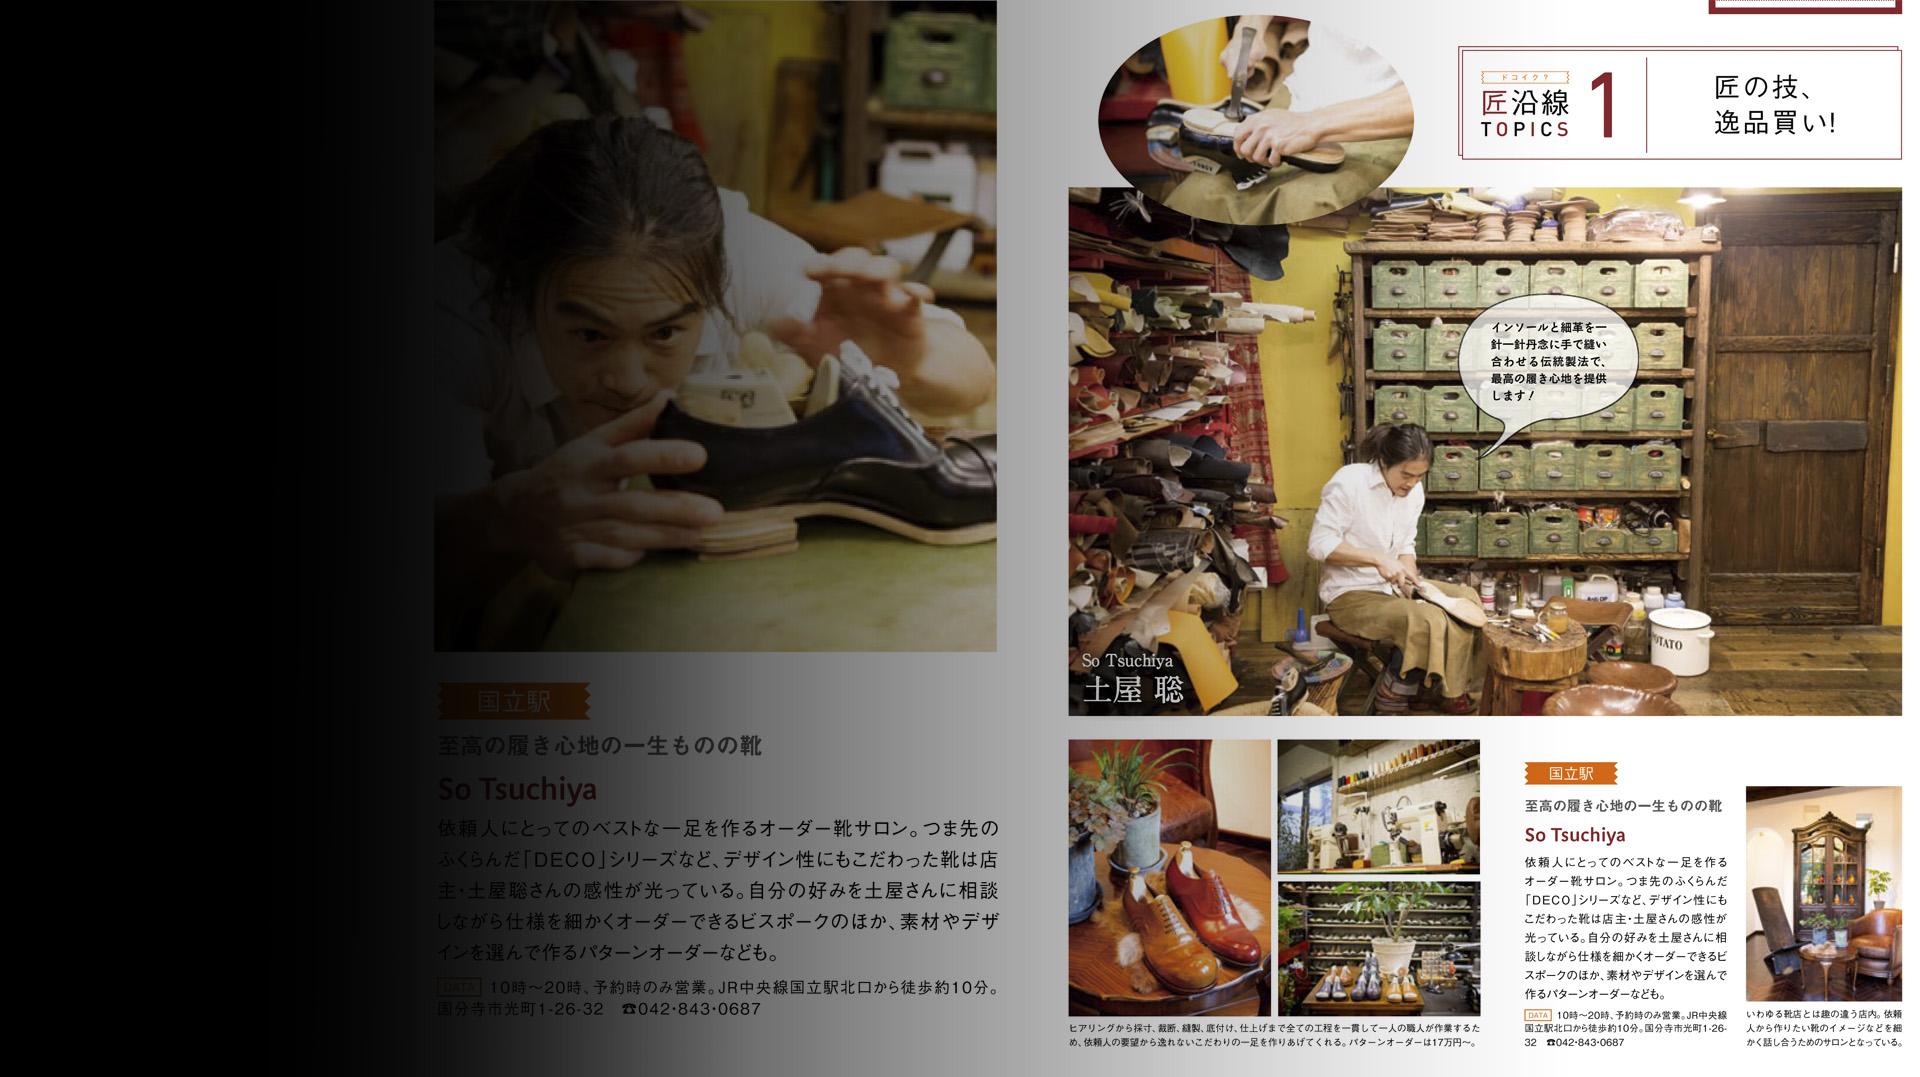 So Tsuchiyaビスポーク靴店